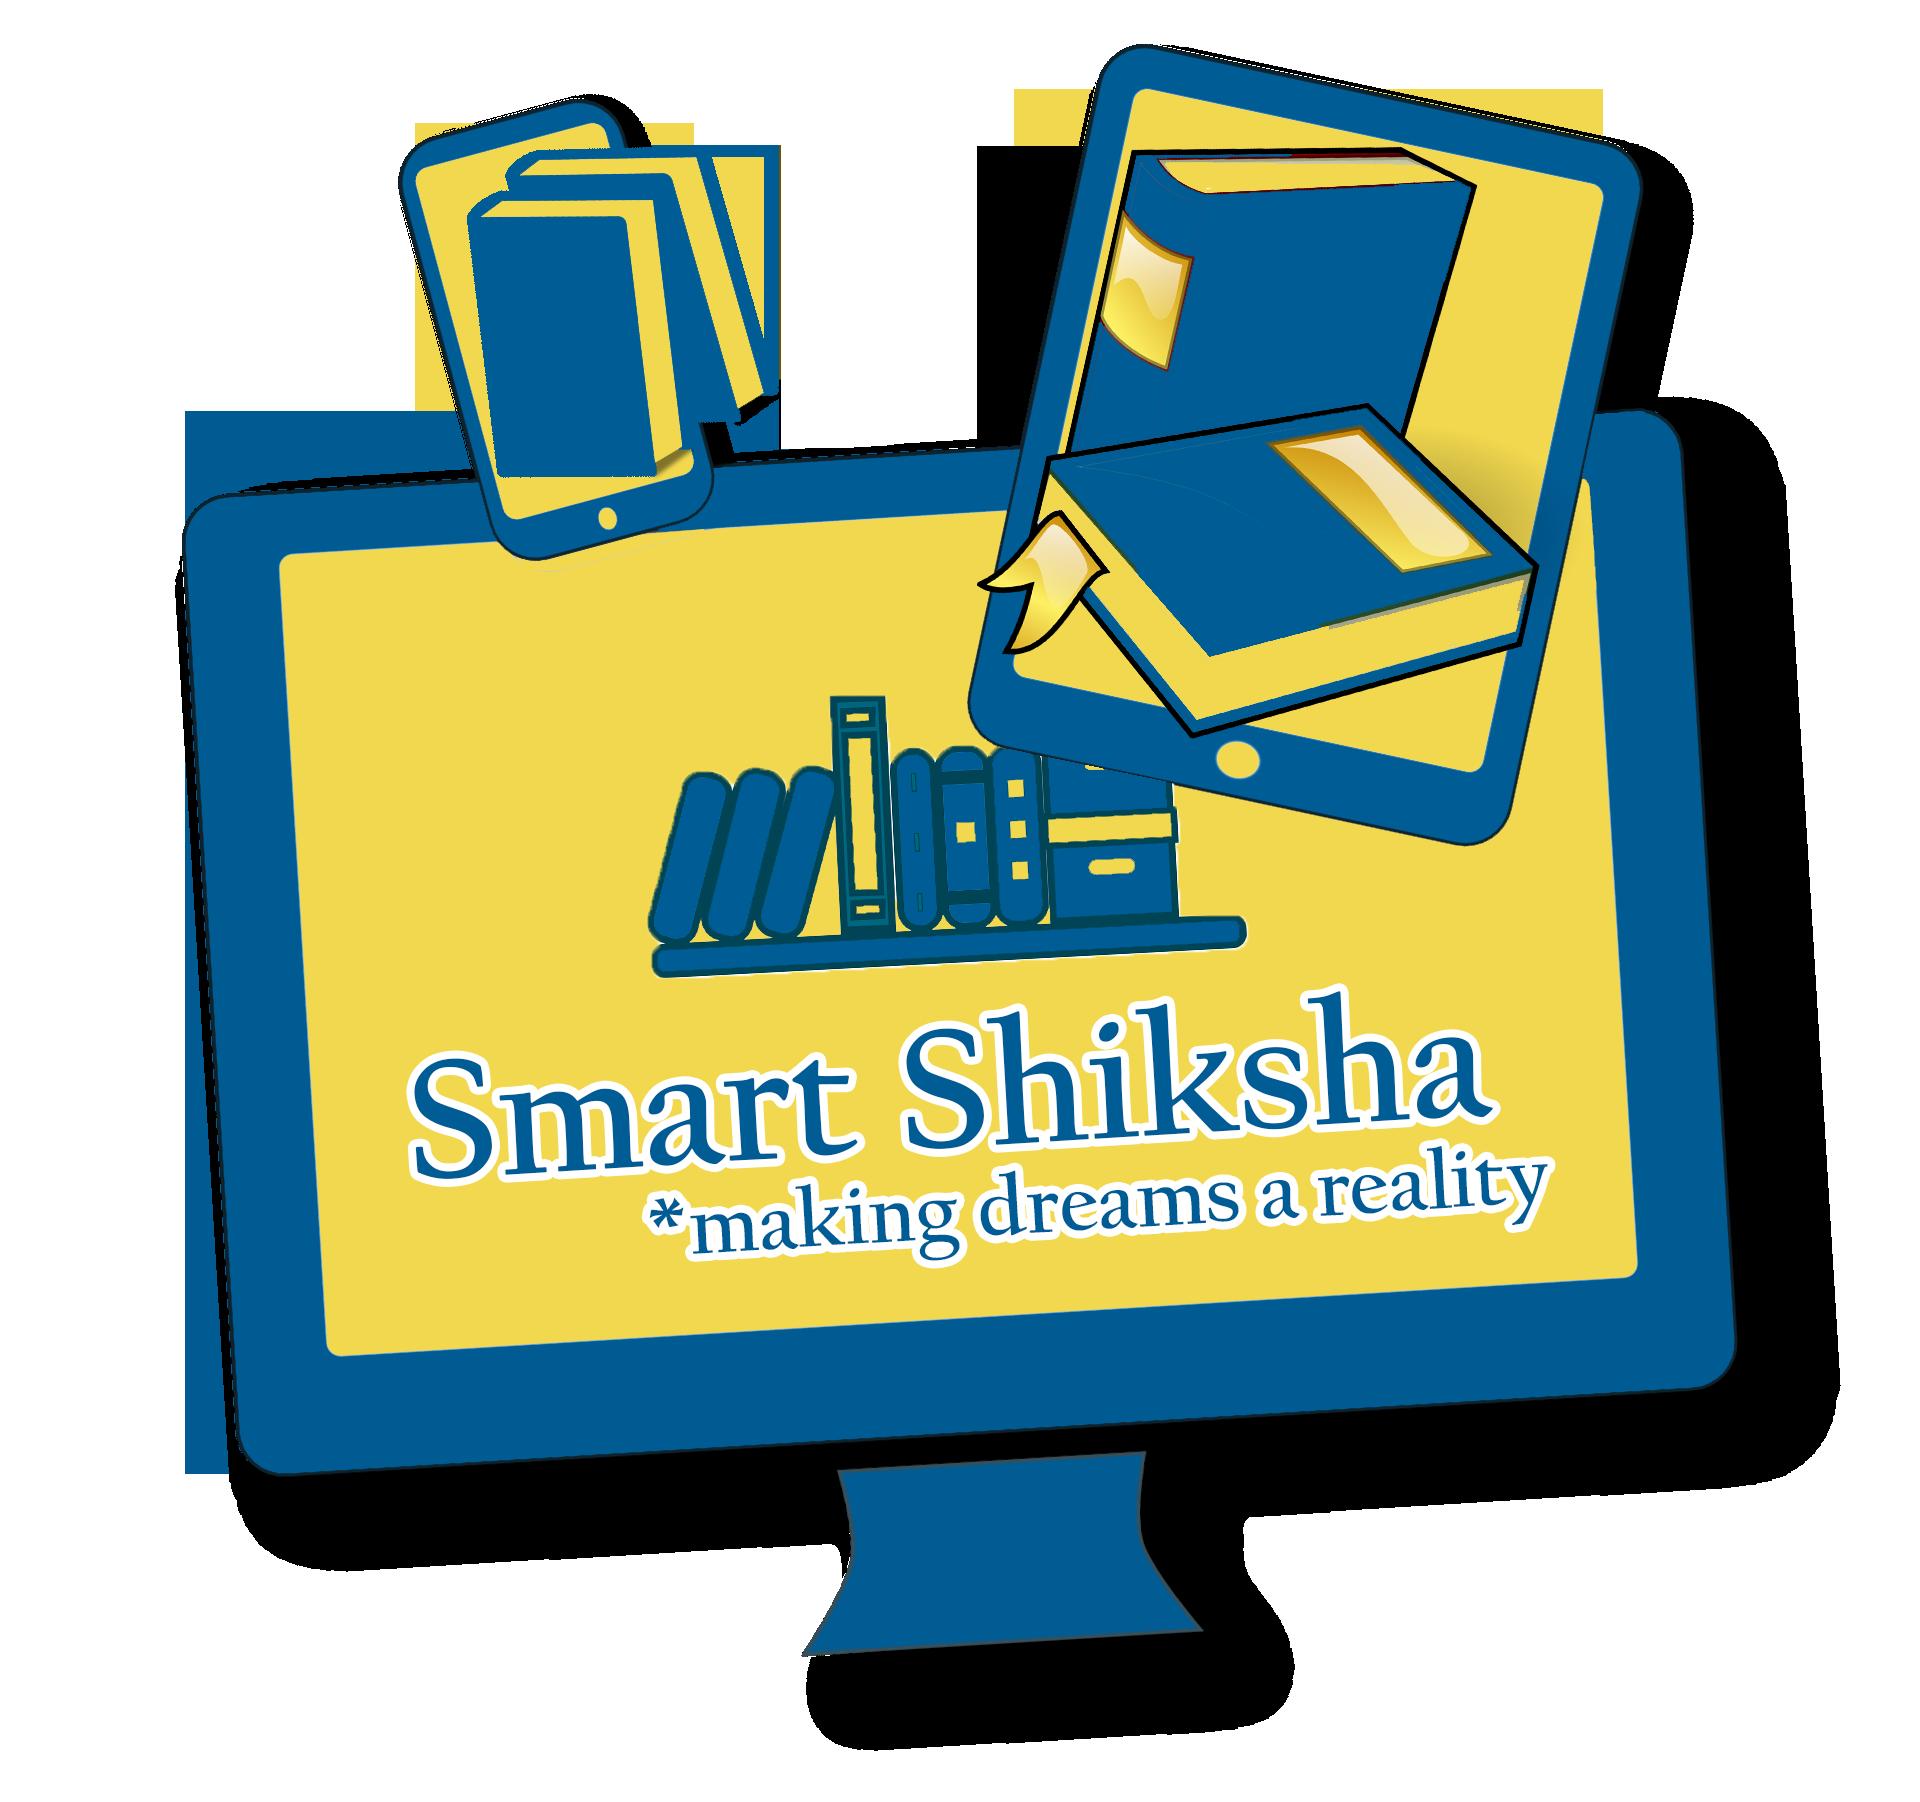 /srv/www/vhosts/user3101/html/entrepreneurship-campus.org/wp-content/uploads/2017/05/Logo.png